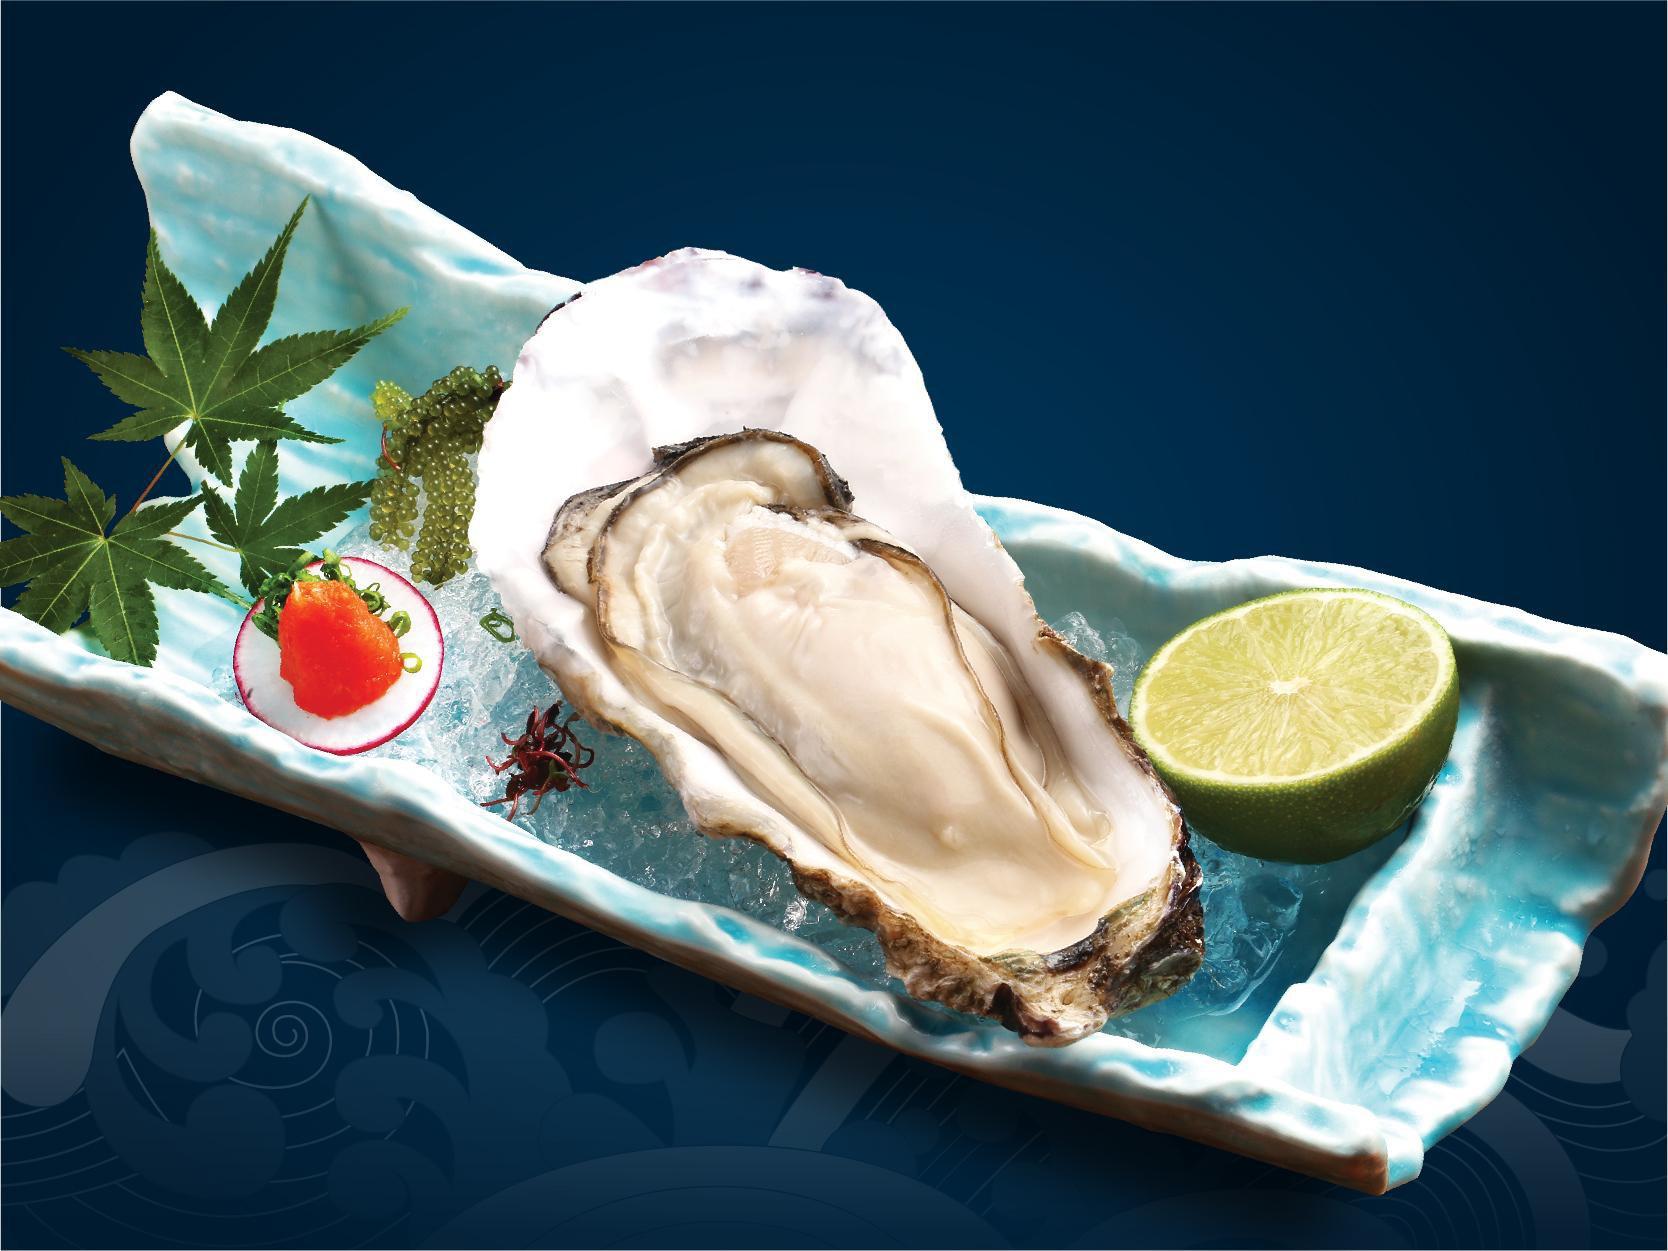 Những món ăn được yêu thích nhất vào mùa đông ở Nhật Bản - Ảnh 1.